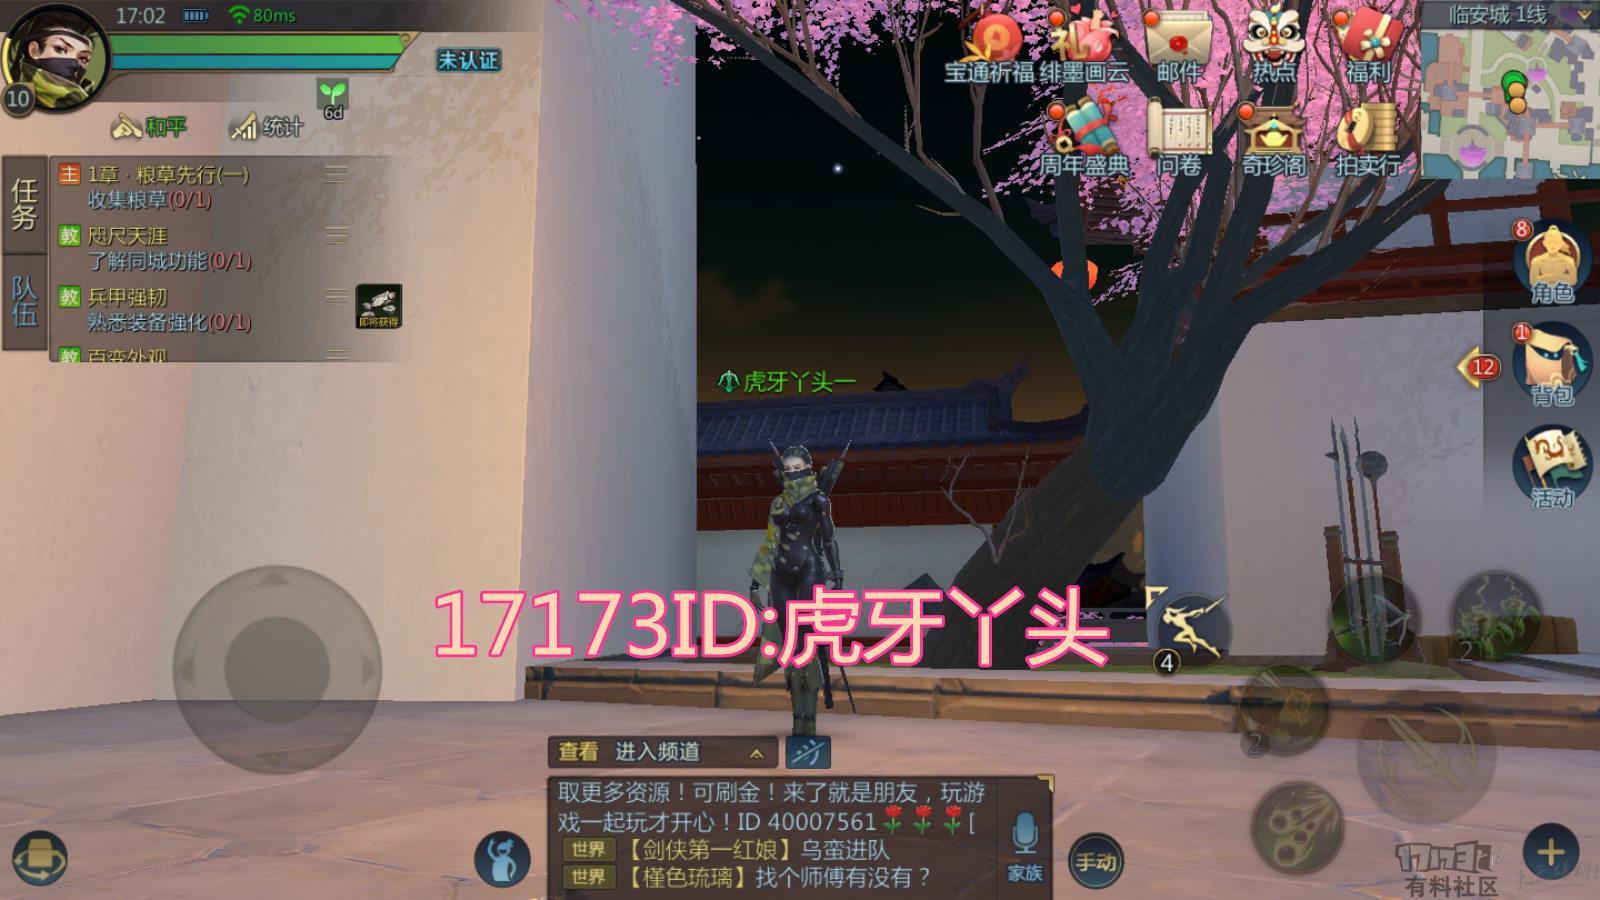 Screenshot_2019-07-04-17-02-43_副本.jpg